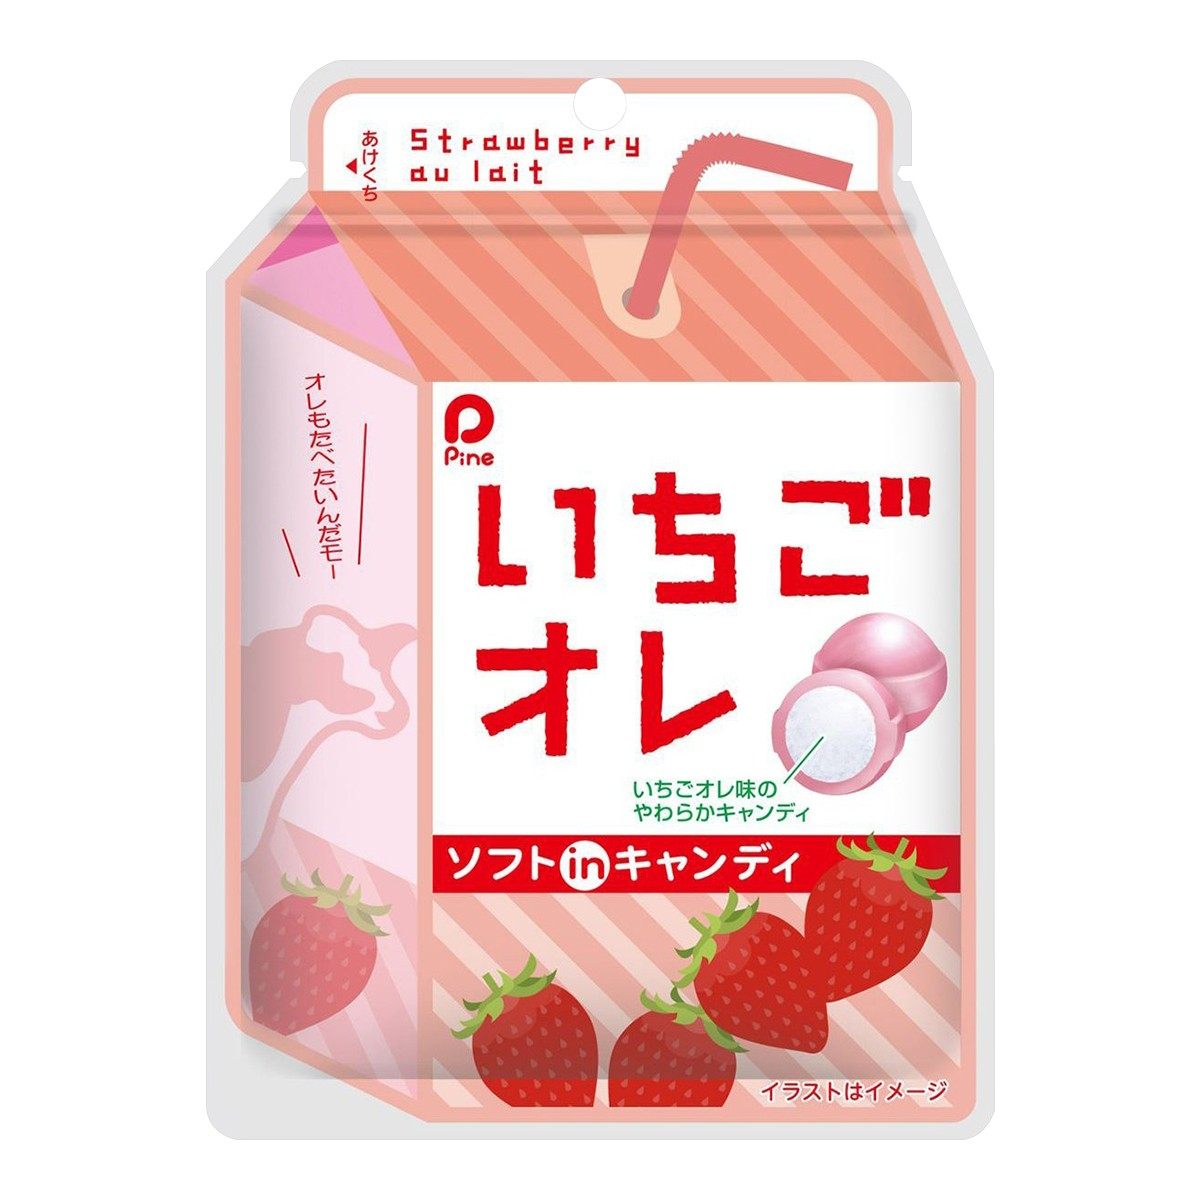 日本PINE 松子草莓果软糖 季节限定 35g